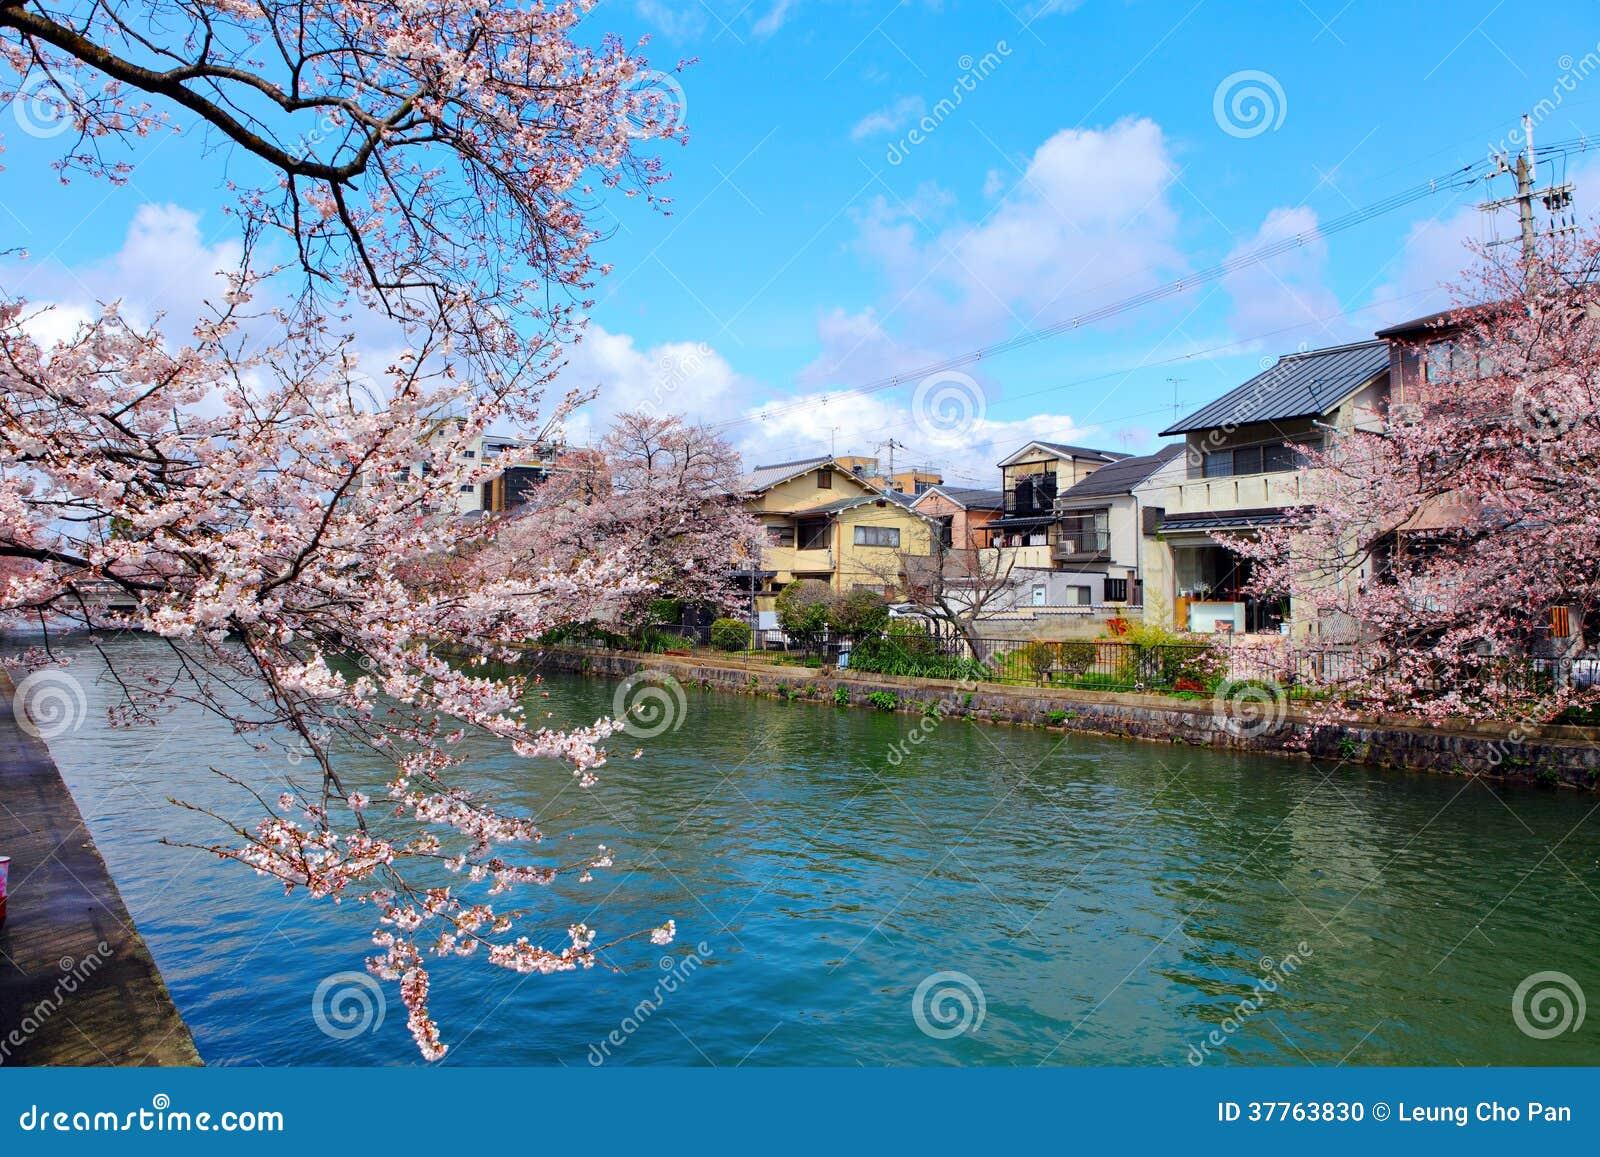 maison traditionnelle au japon avec sakura photo stock. Black Bedroom Furniture Sets. Home Design Ideas